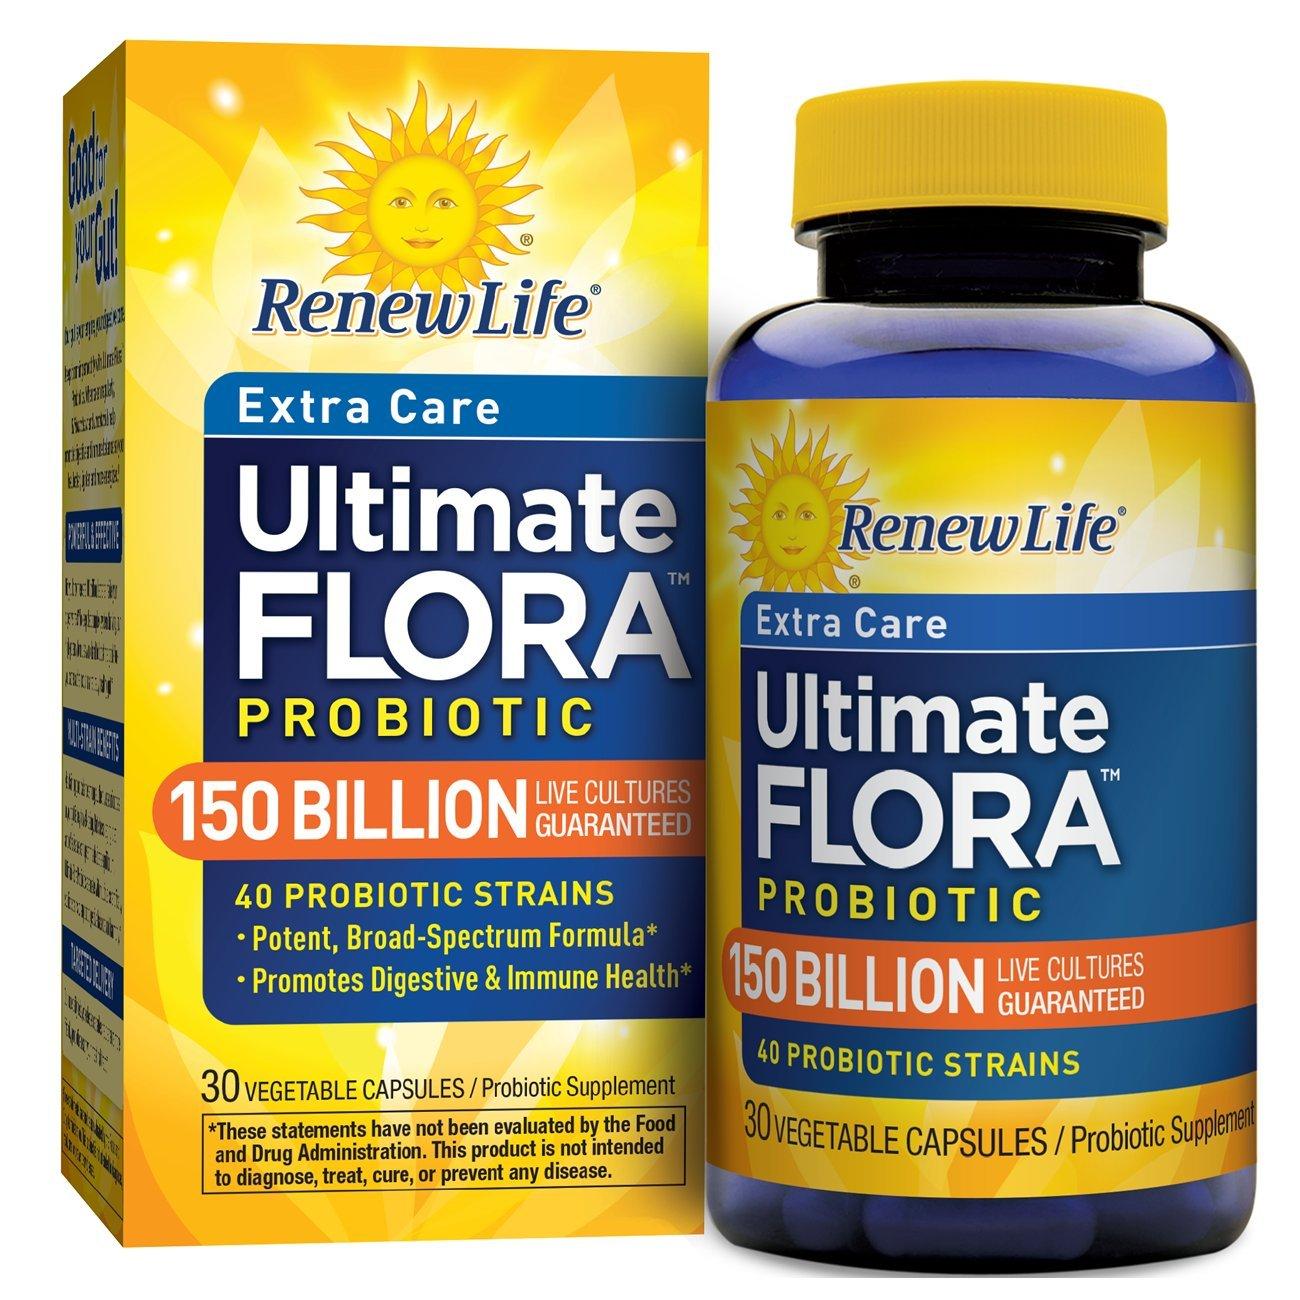 Renew Life Extra Care Probiotic, Ultimate Flora, 150 Billion, 30 Capsules